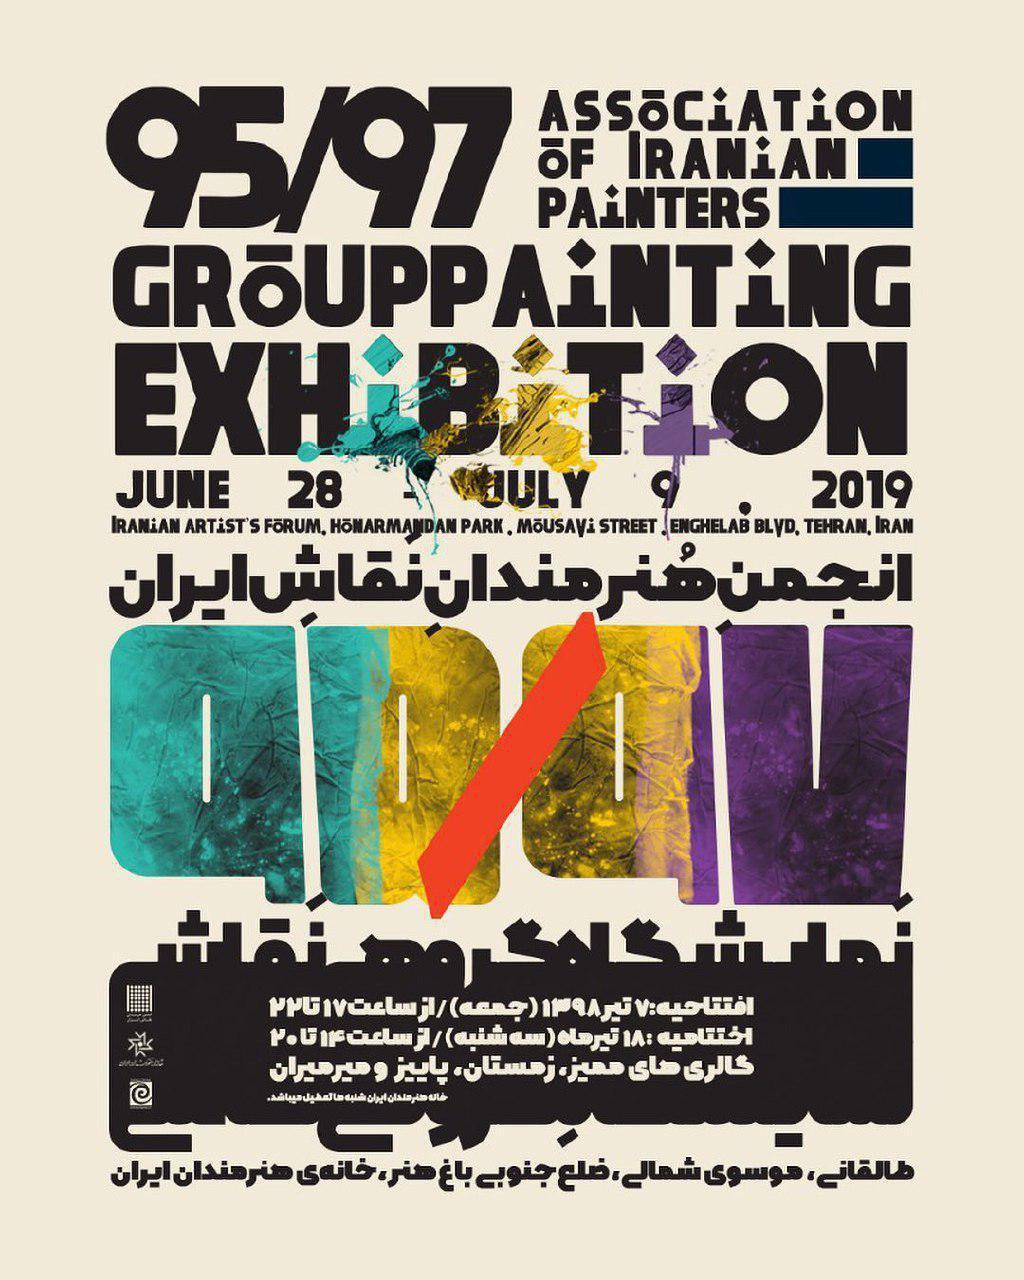 نمایشگاه اعضاء جدید انجمن هنرمندان نقاش ایران